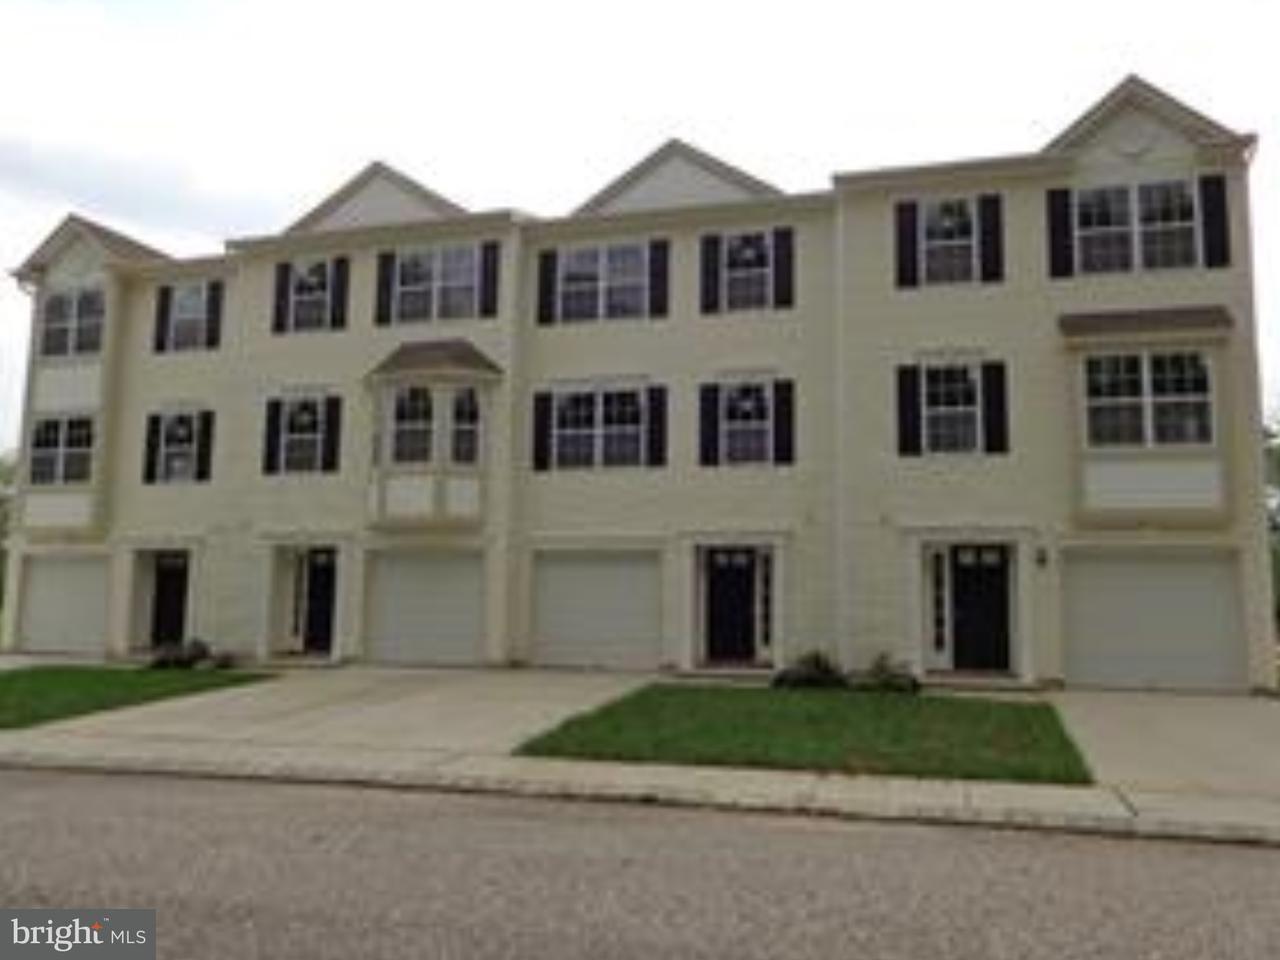 联栋屋 为 销售 在 16 VICTORIAN WAY Woodbury, 新泽西州 08096 美国